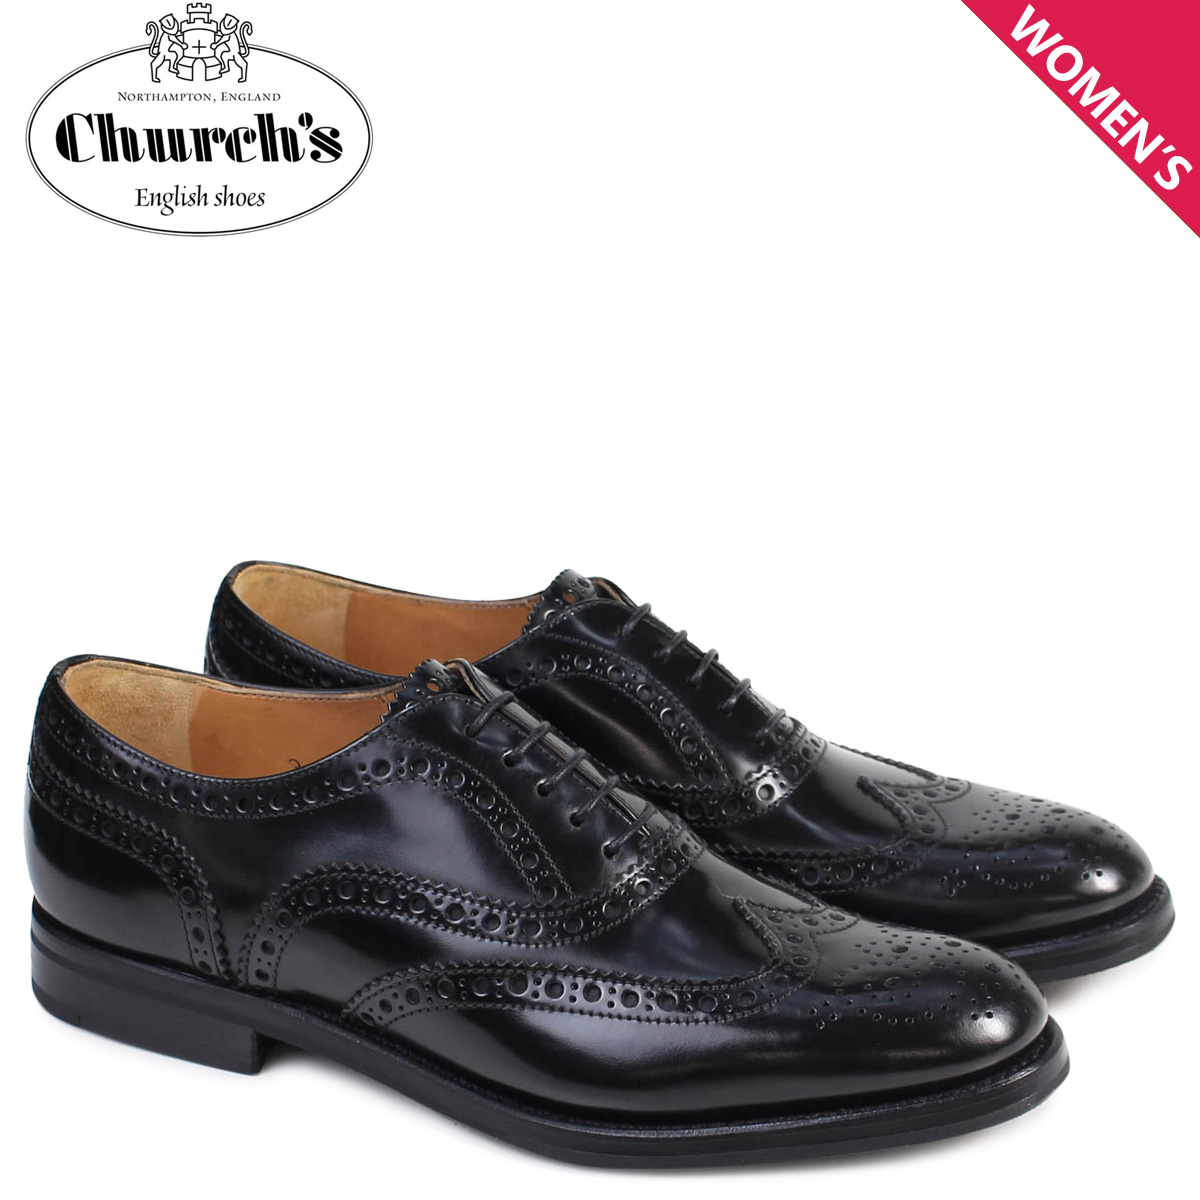 チャーチ Churchs 靴 レディース Churchs バーウッド シューズ ウイングチップ Burwood WG Polish Binder Calf 8705 DE0001 ブラック